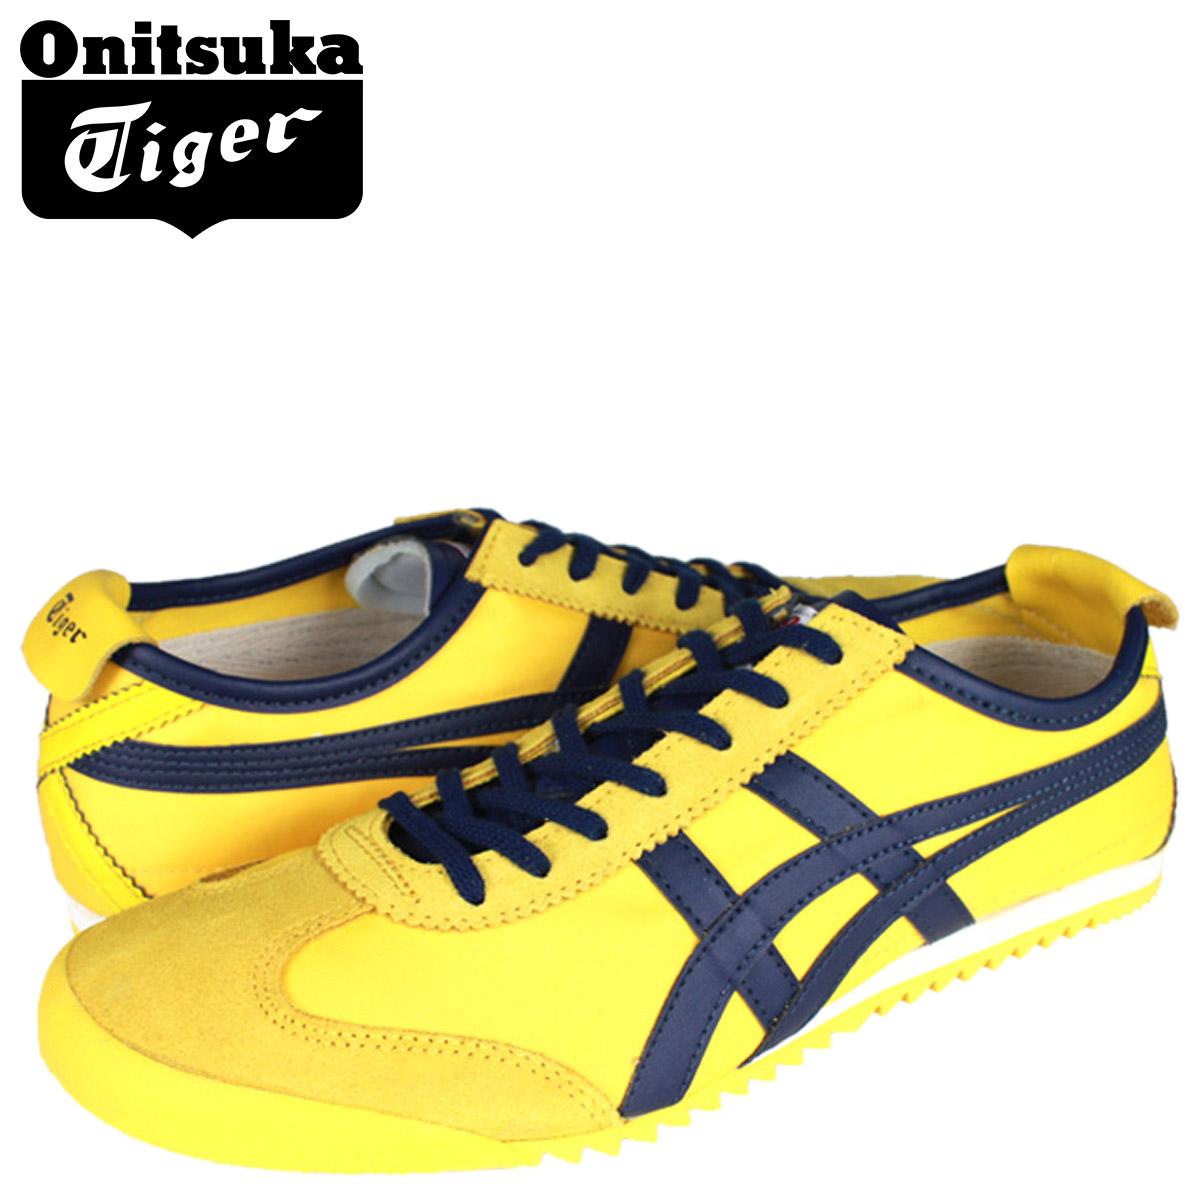 buy asics shoes in japan eu yellow